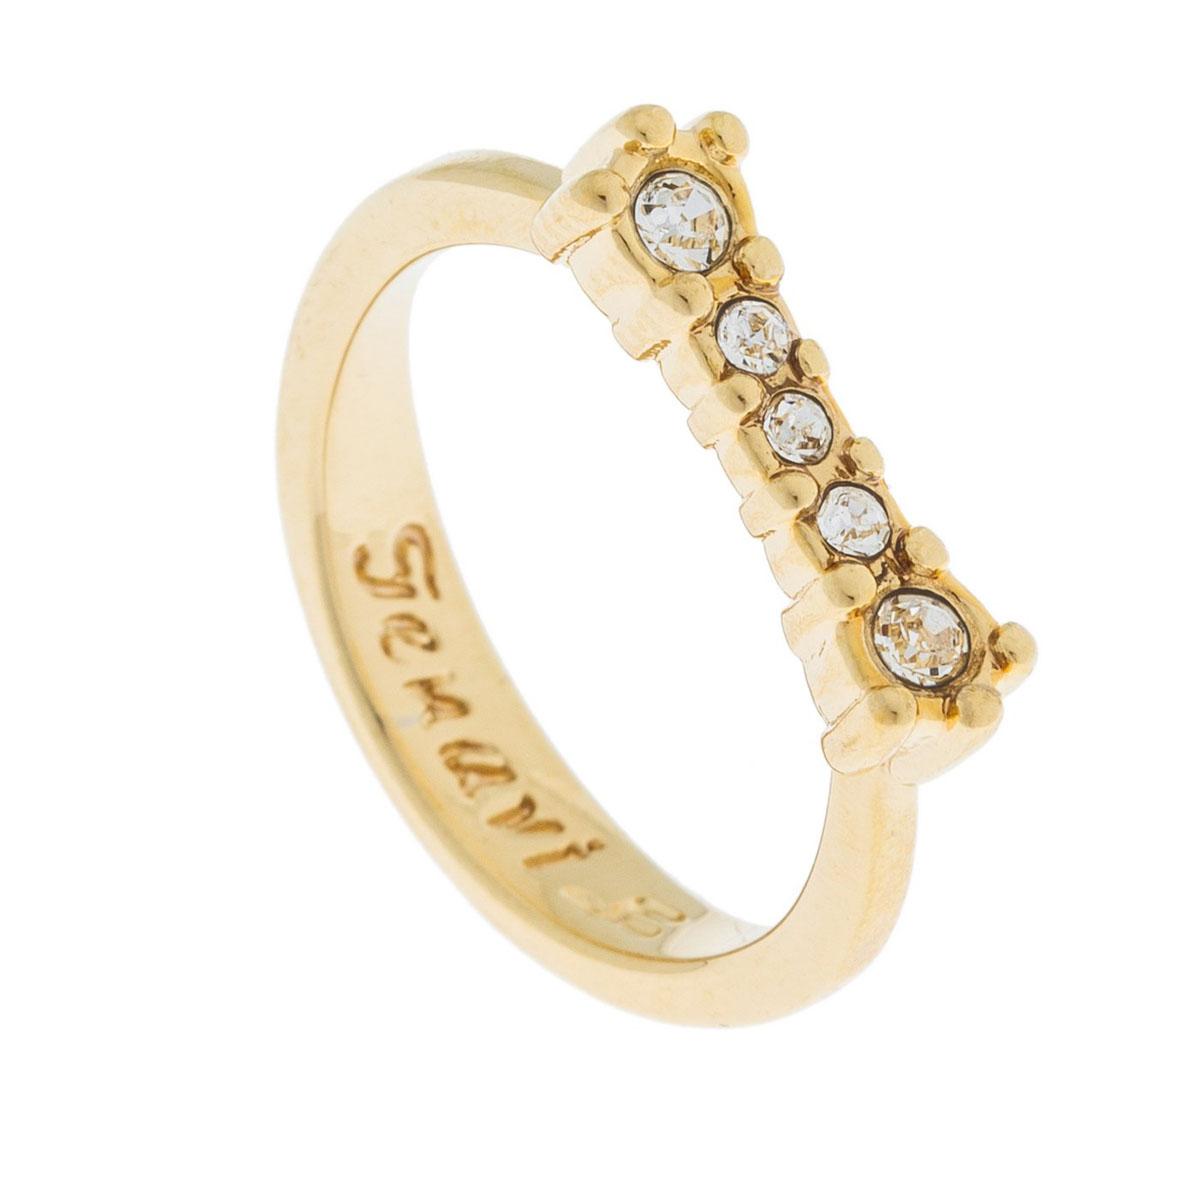 Кольцо Jenavi Эми, цвет: золотой, белый. k497p000. Размер 16k497p000Коллекция Э, Эми (Кольцо) гипоаллергенный ювелирный сплав,Позолота, вставка Кристаллы Swarovski